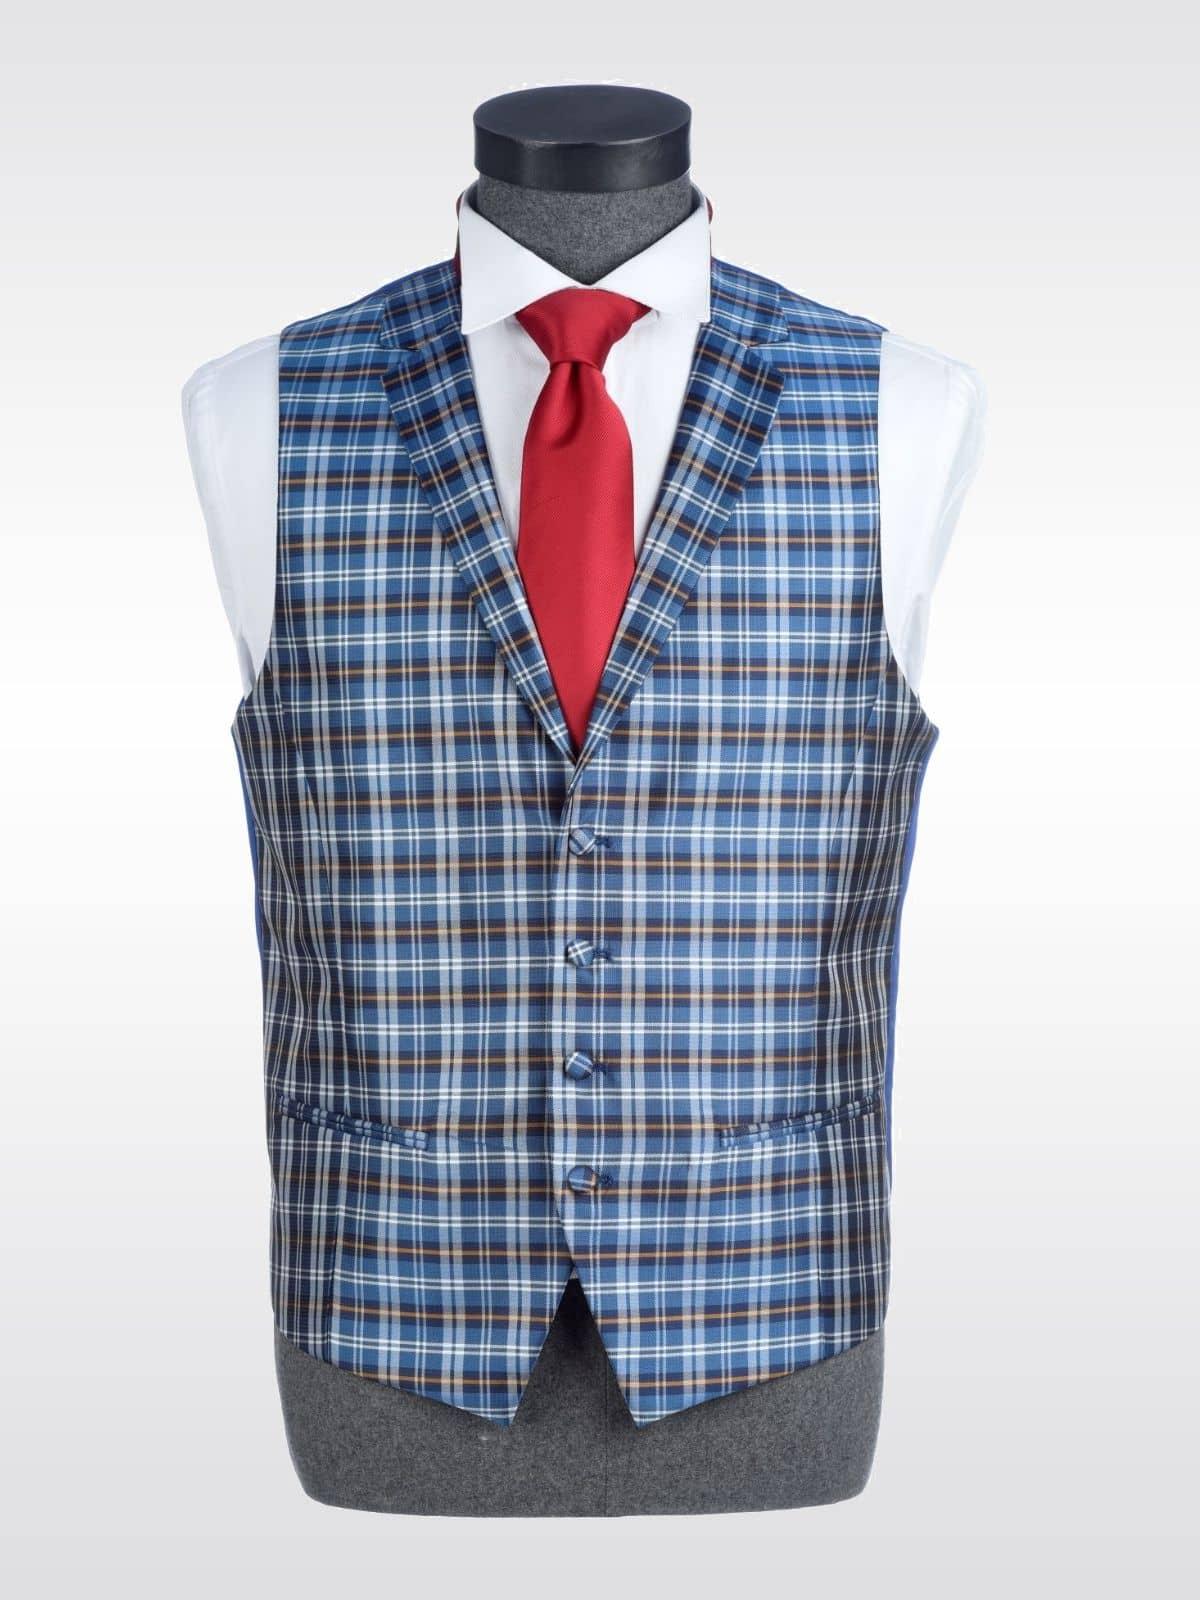 Chaleco de cuadros azul para traje Conecta Moda Joven Granada